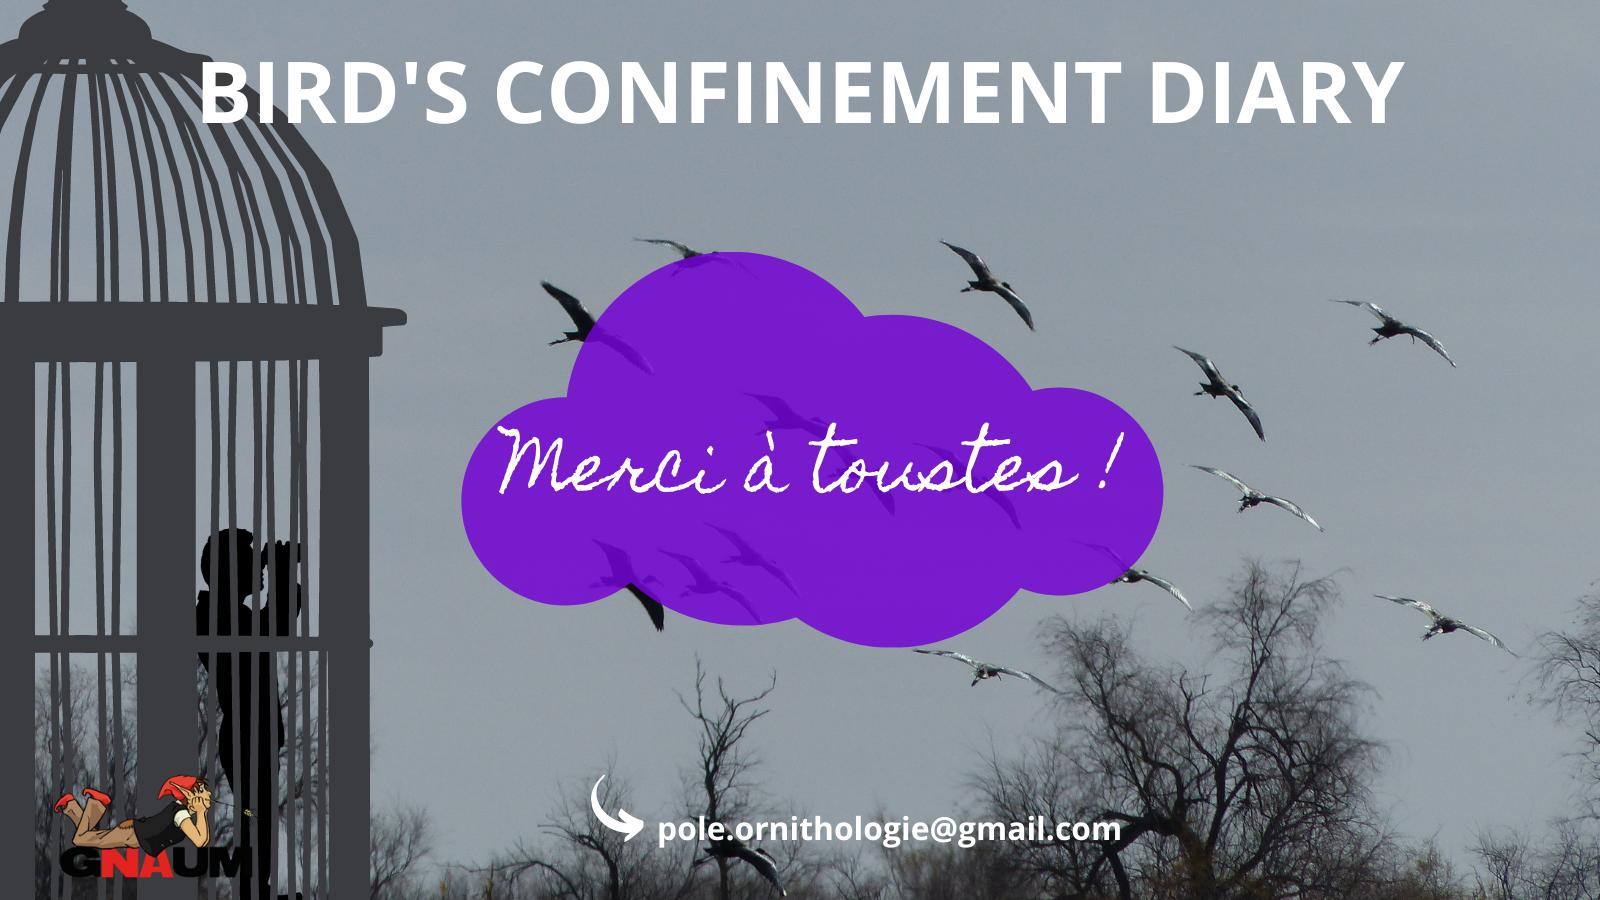 Bird's Confinement Diary